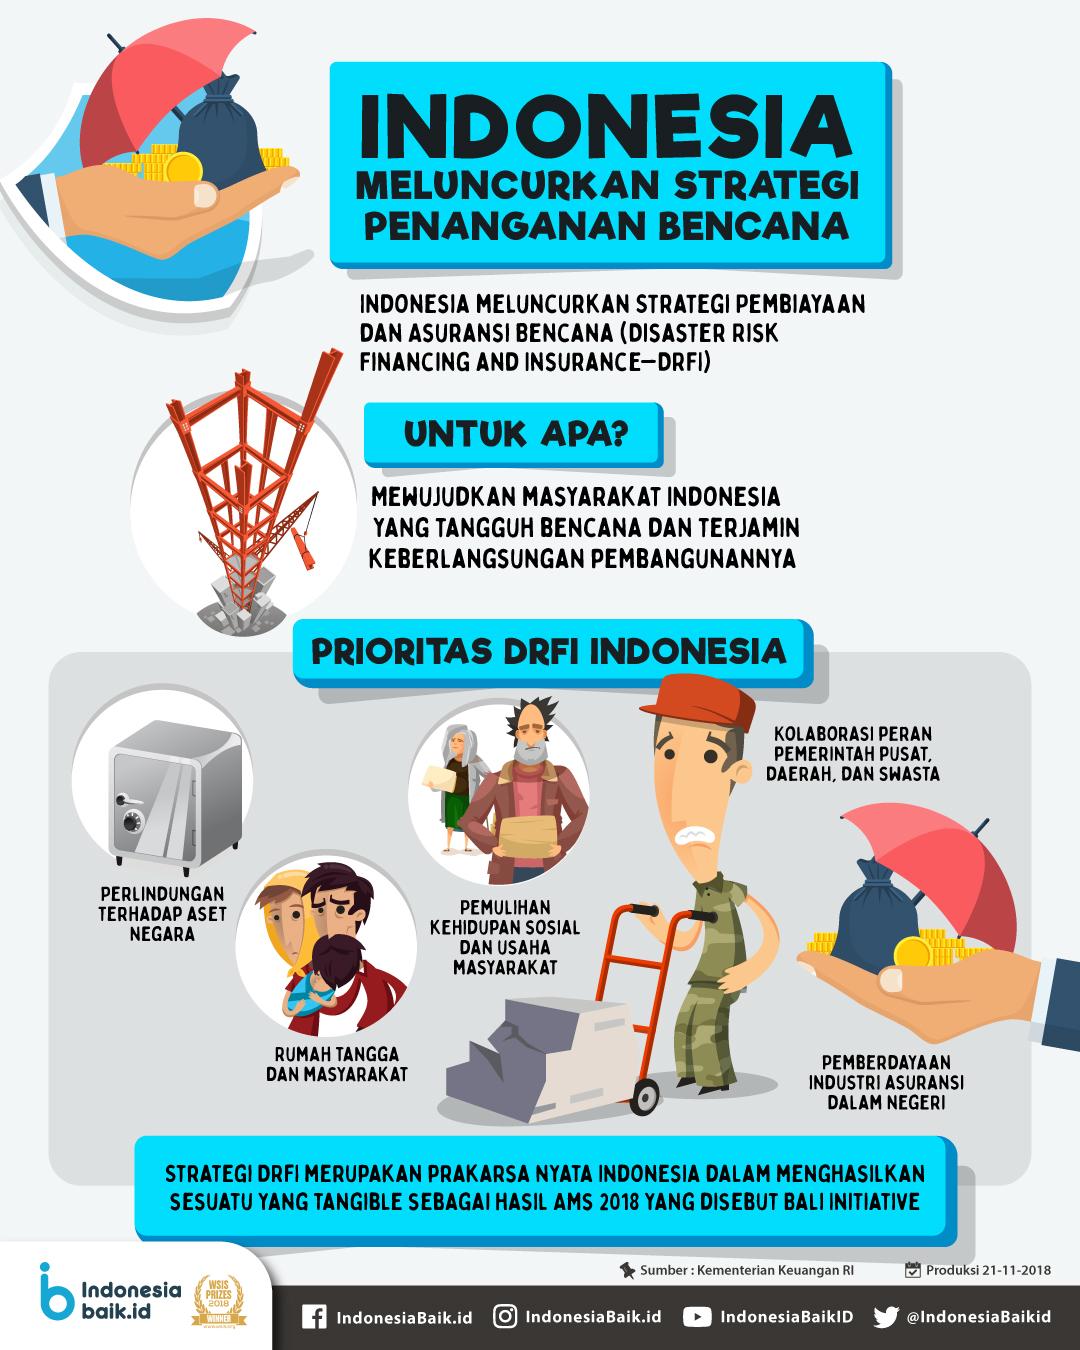 Indonesia Meluncurkan Strategi Penanganan Bencana